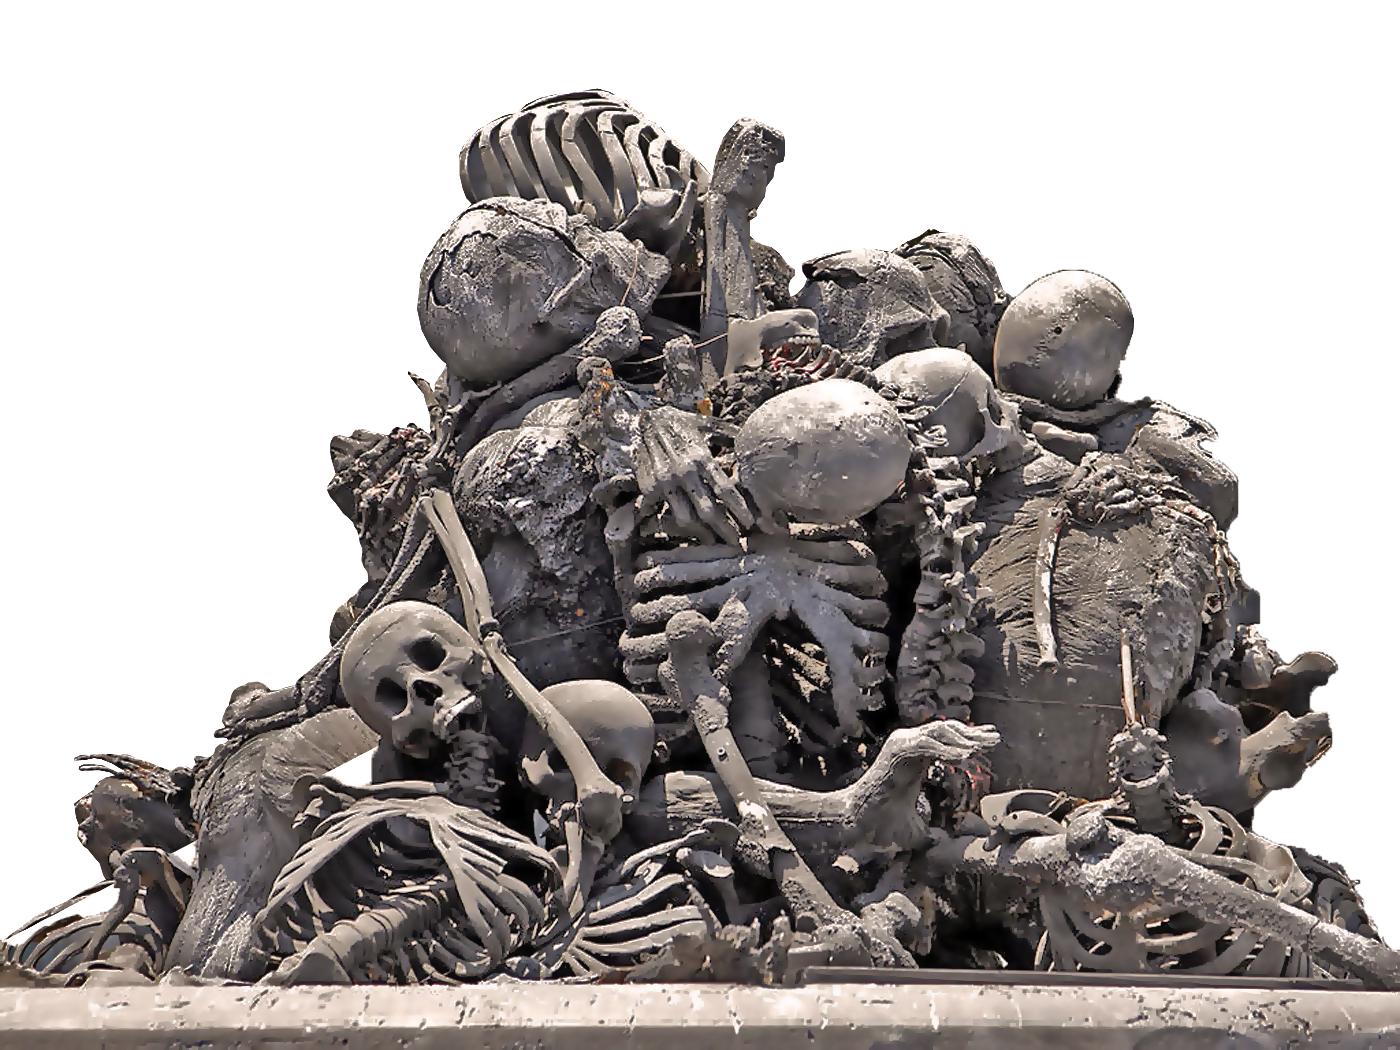 Skulls-and-Bones PSD